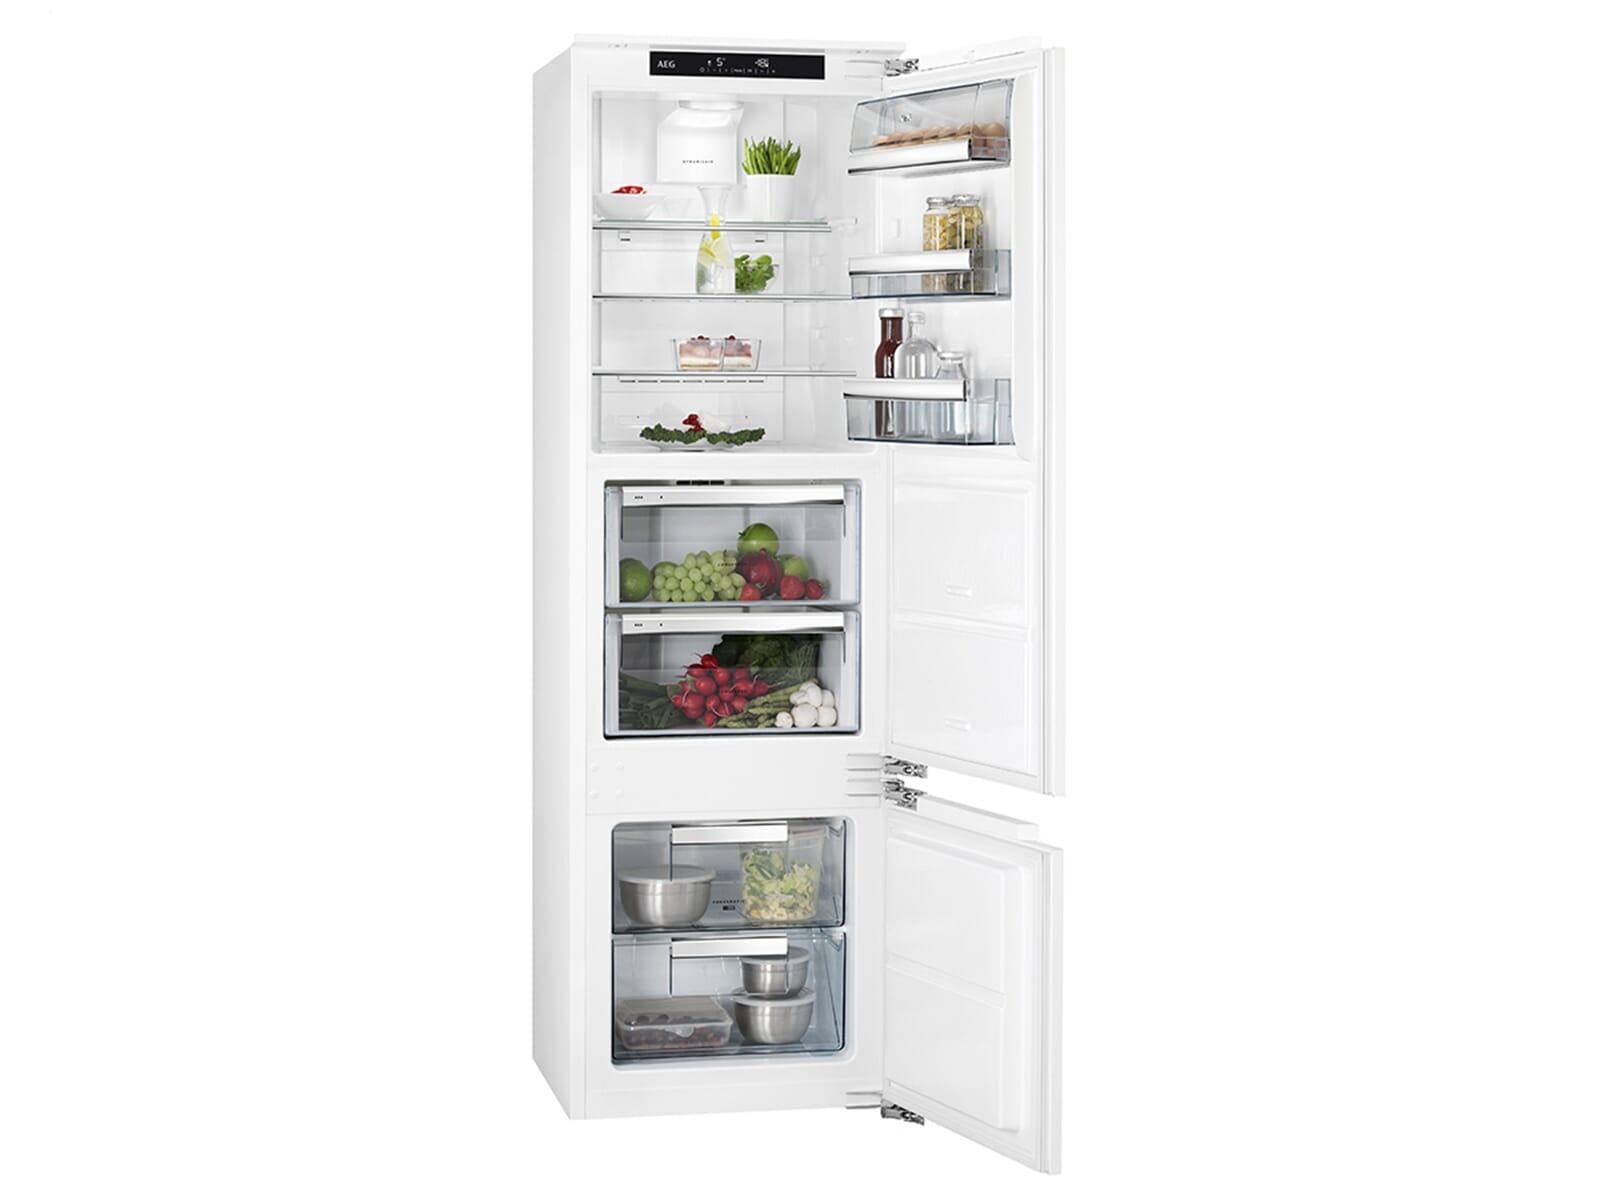 Aeg Kühlschrank Preise : Kühlschrank günstig kaufen kühlschrank gebraucht kaufen bazdidplus